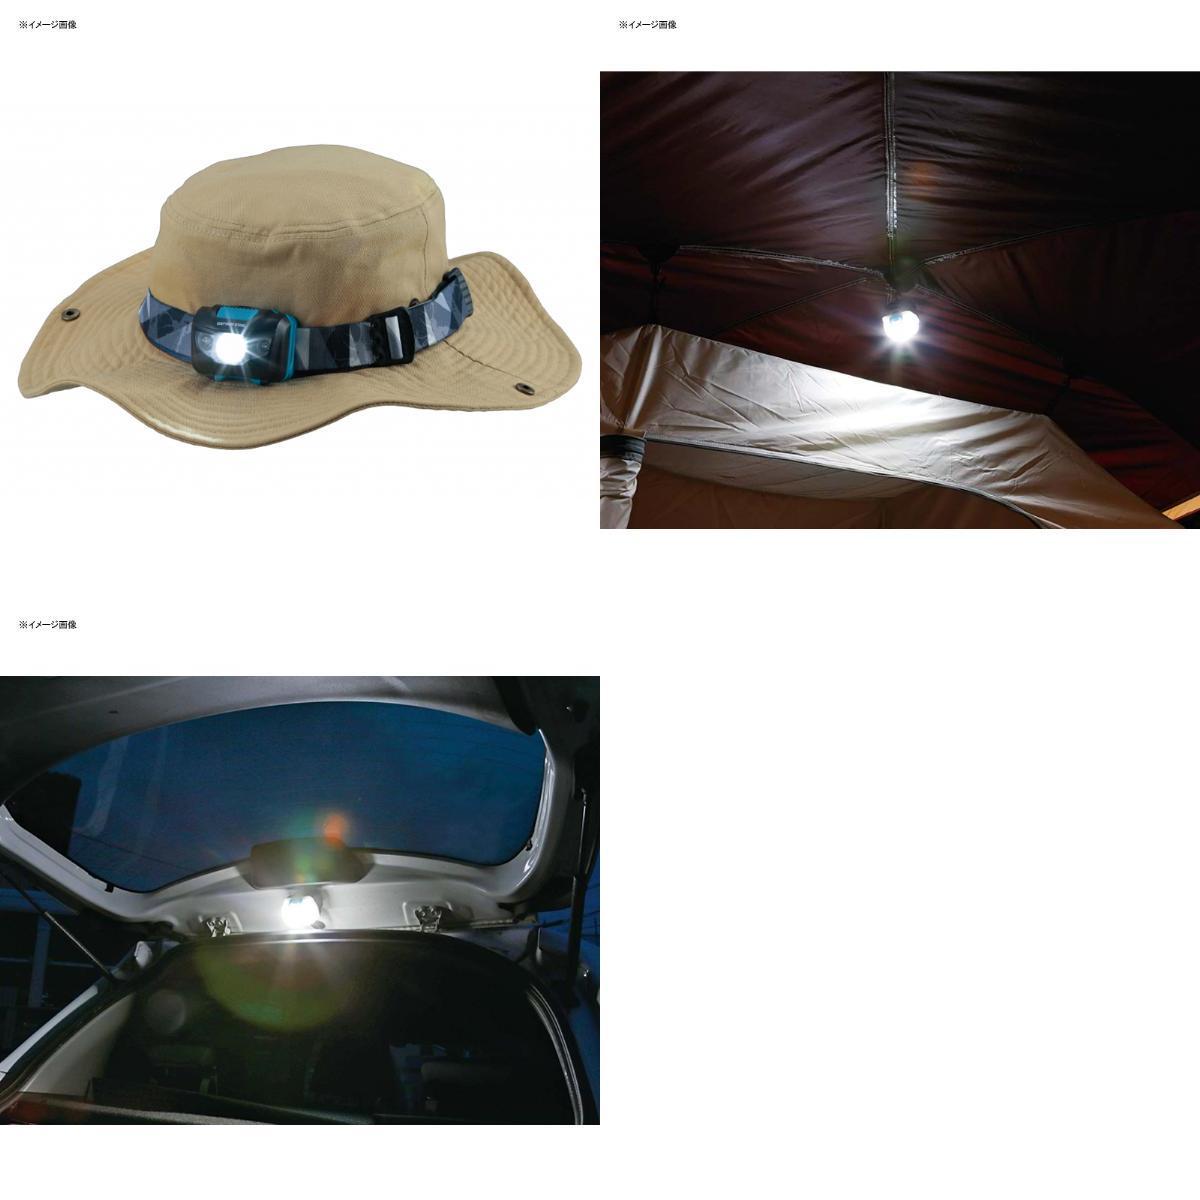 キャプテンスタッグ(CAPTAIN STAG) ギガフラッシュ LEDヘッドライト 防水収納ケース付き UK-4028